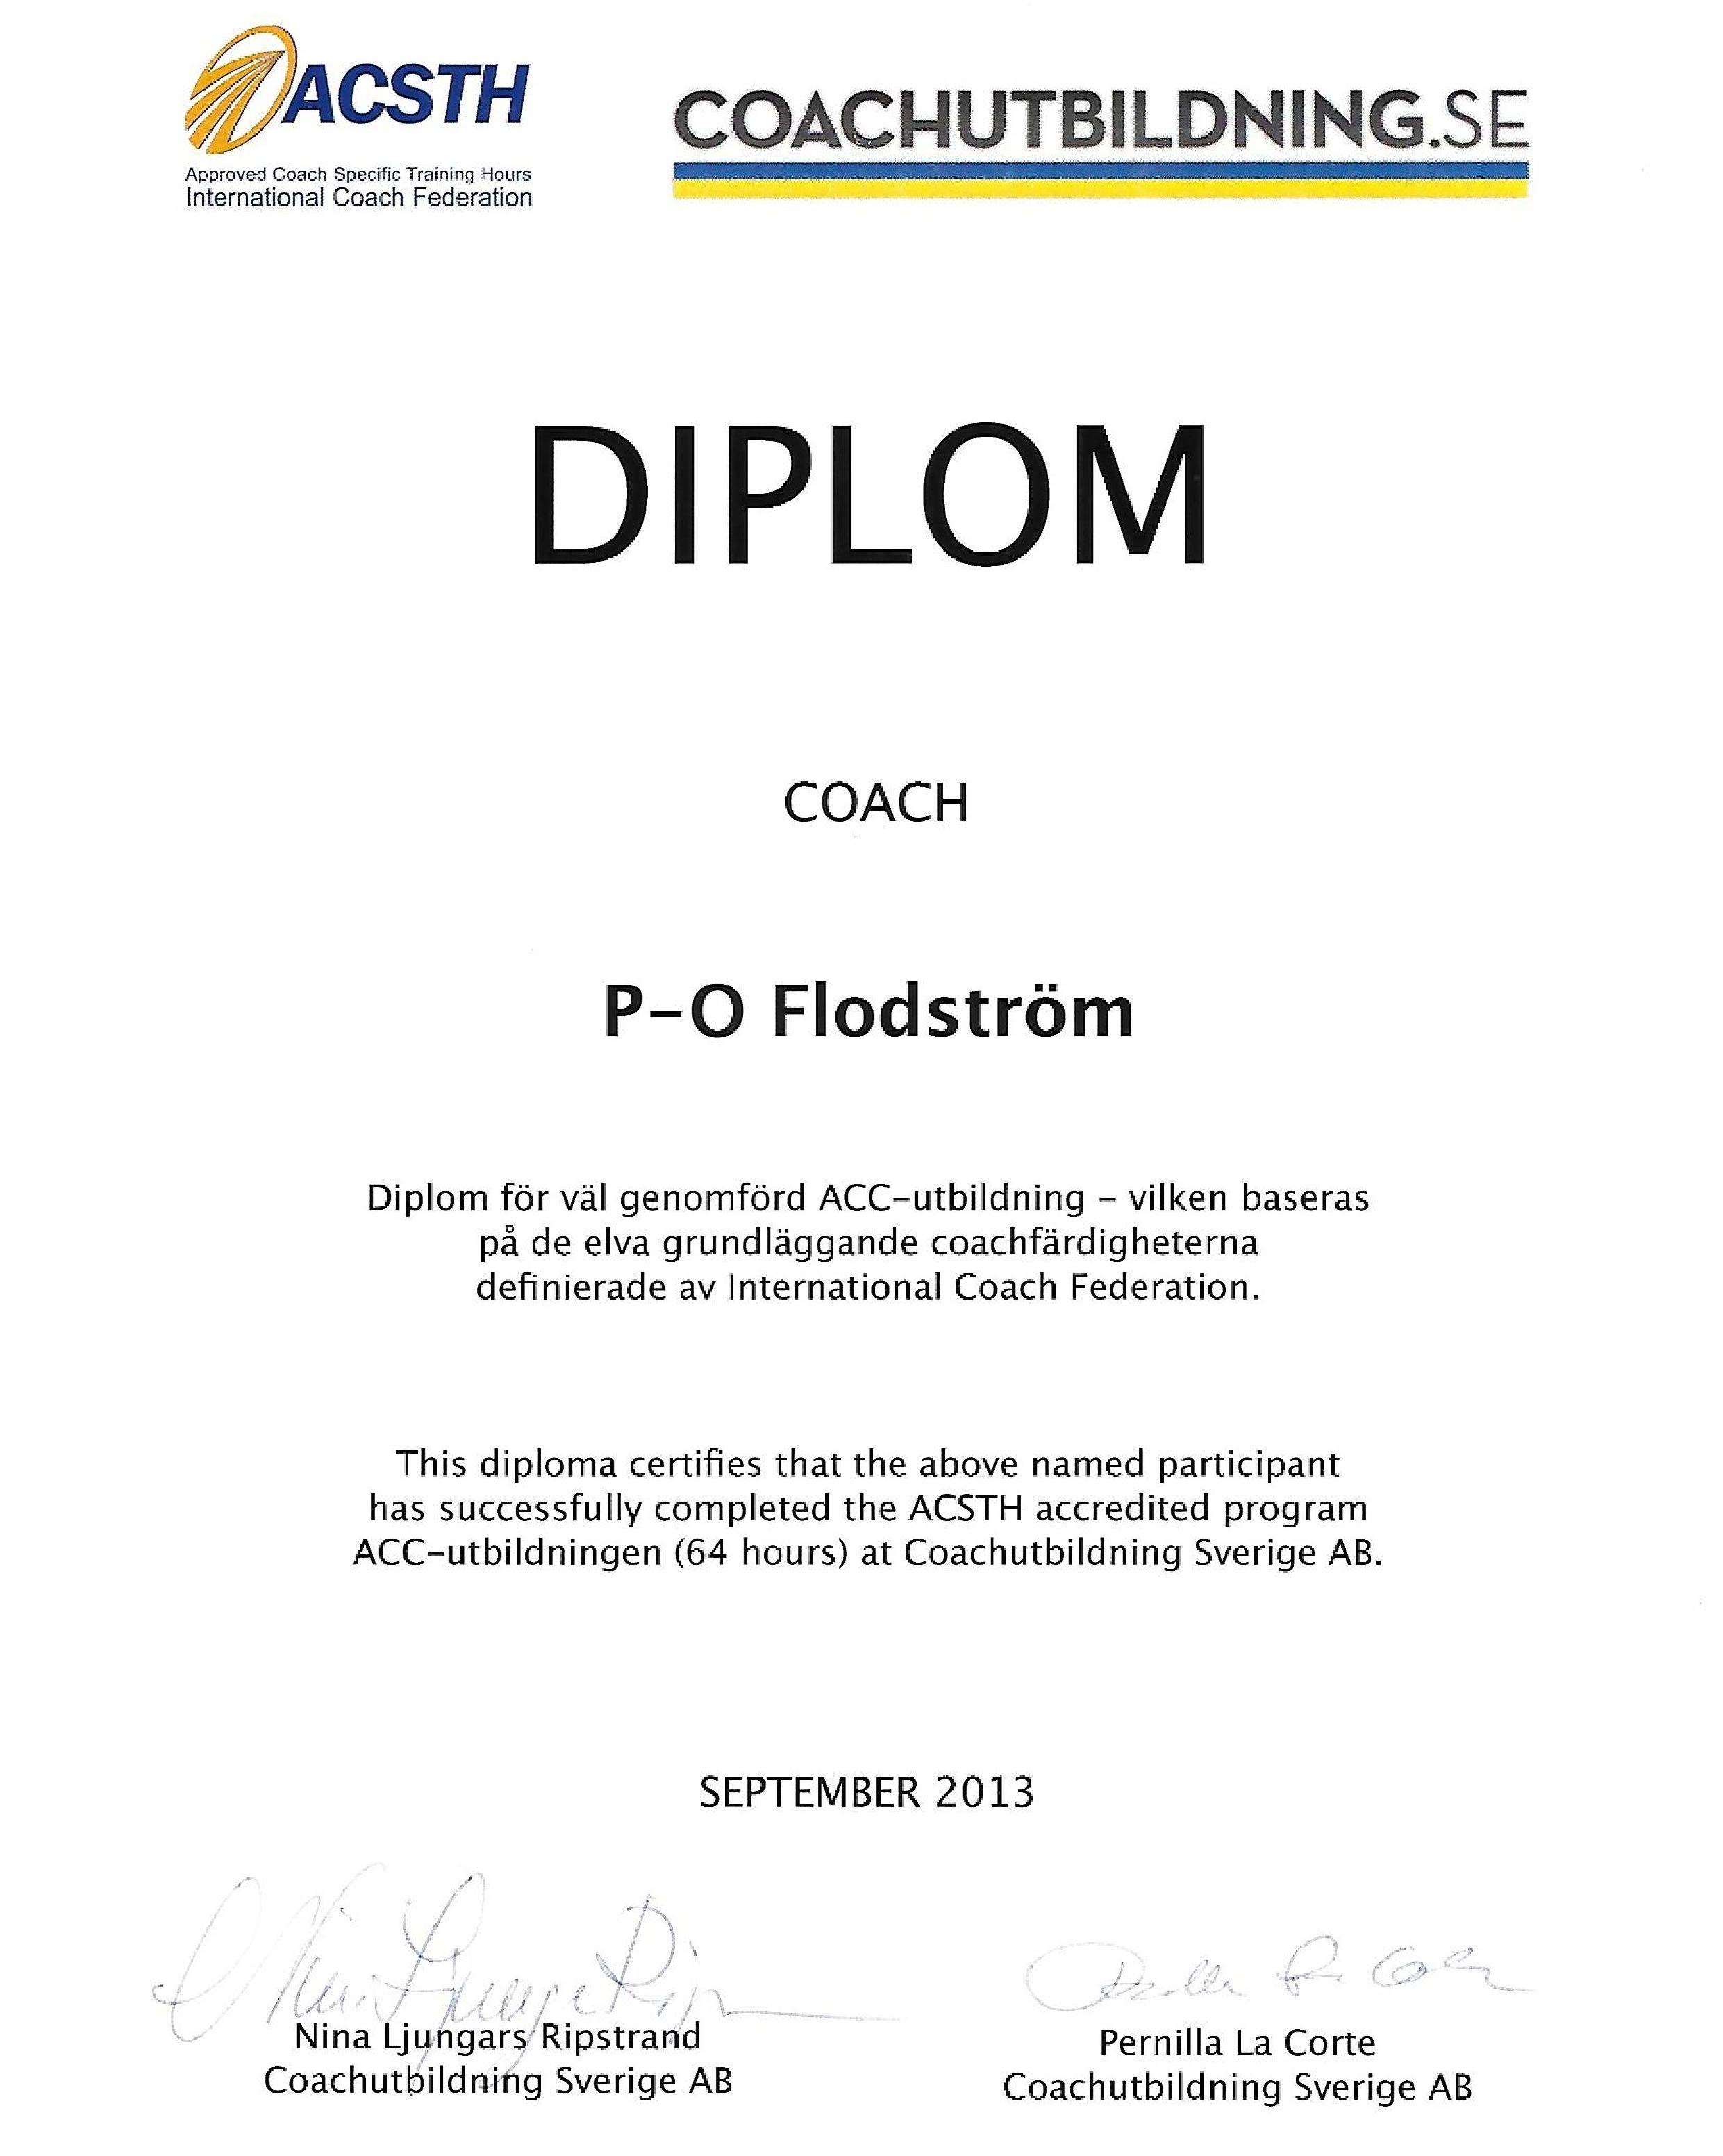 betyg-certifikat-och-komplett-meritlista-for-p-o-flodstrom-2016-page-001